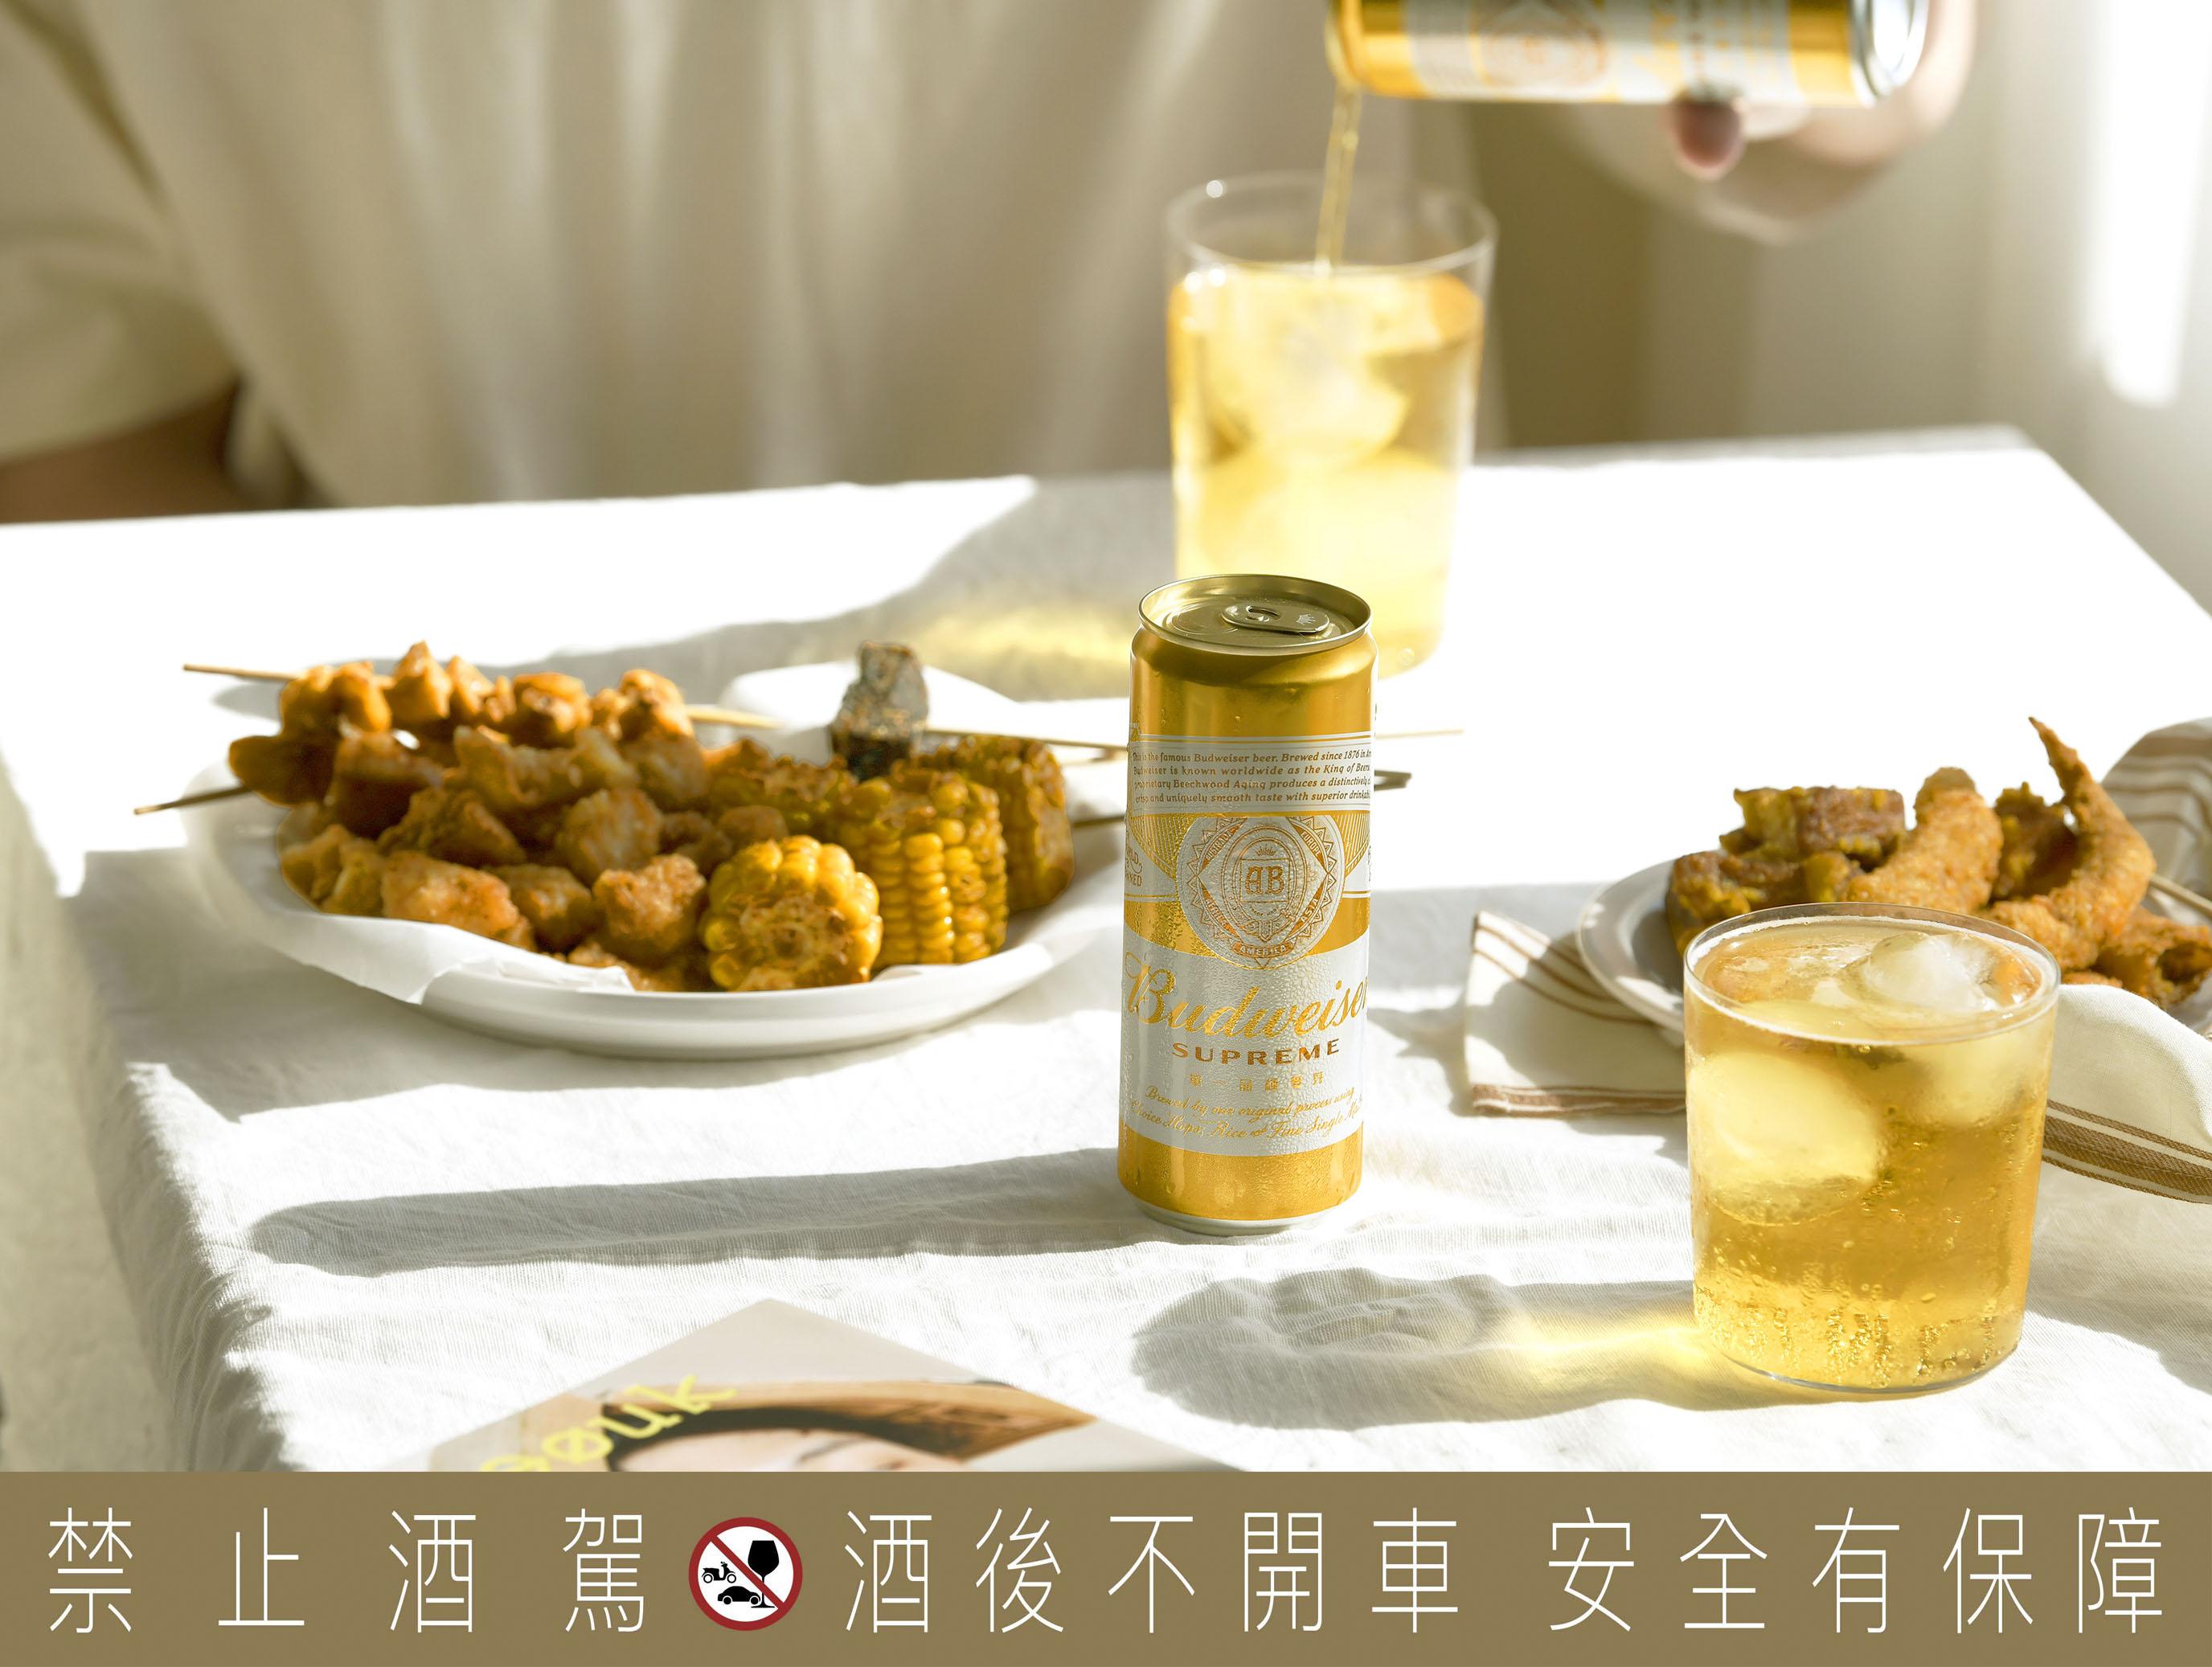 網站近期文章:盛夏最台式的幸福之一:鹽酥雞與啤酒|百威金尊單一品種麥芽